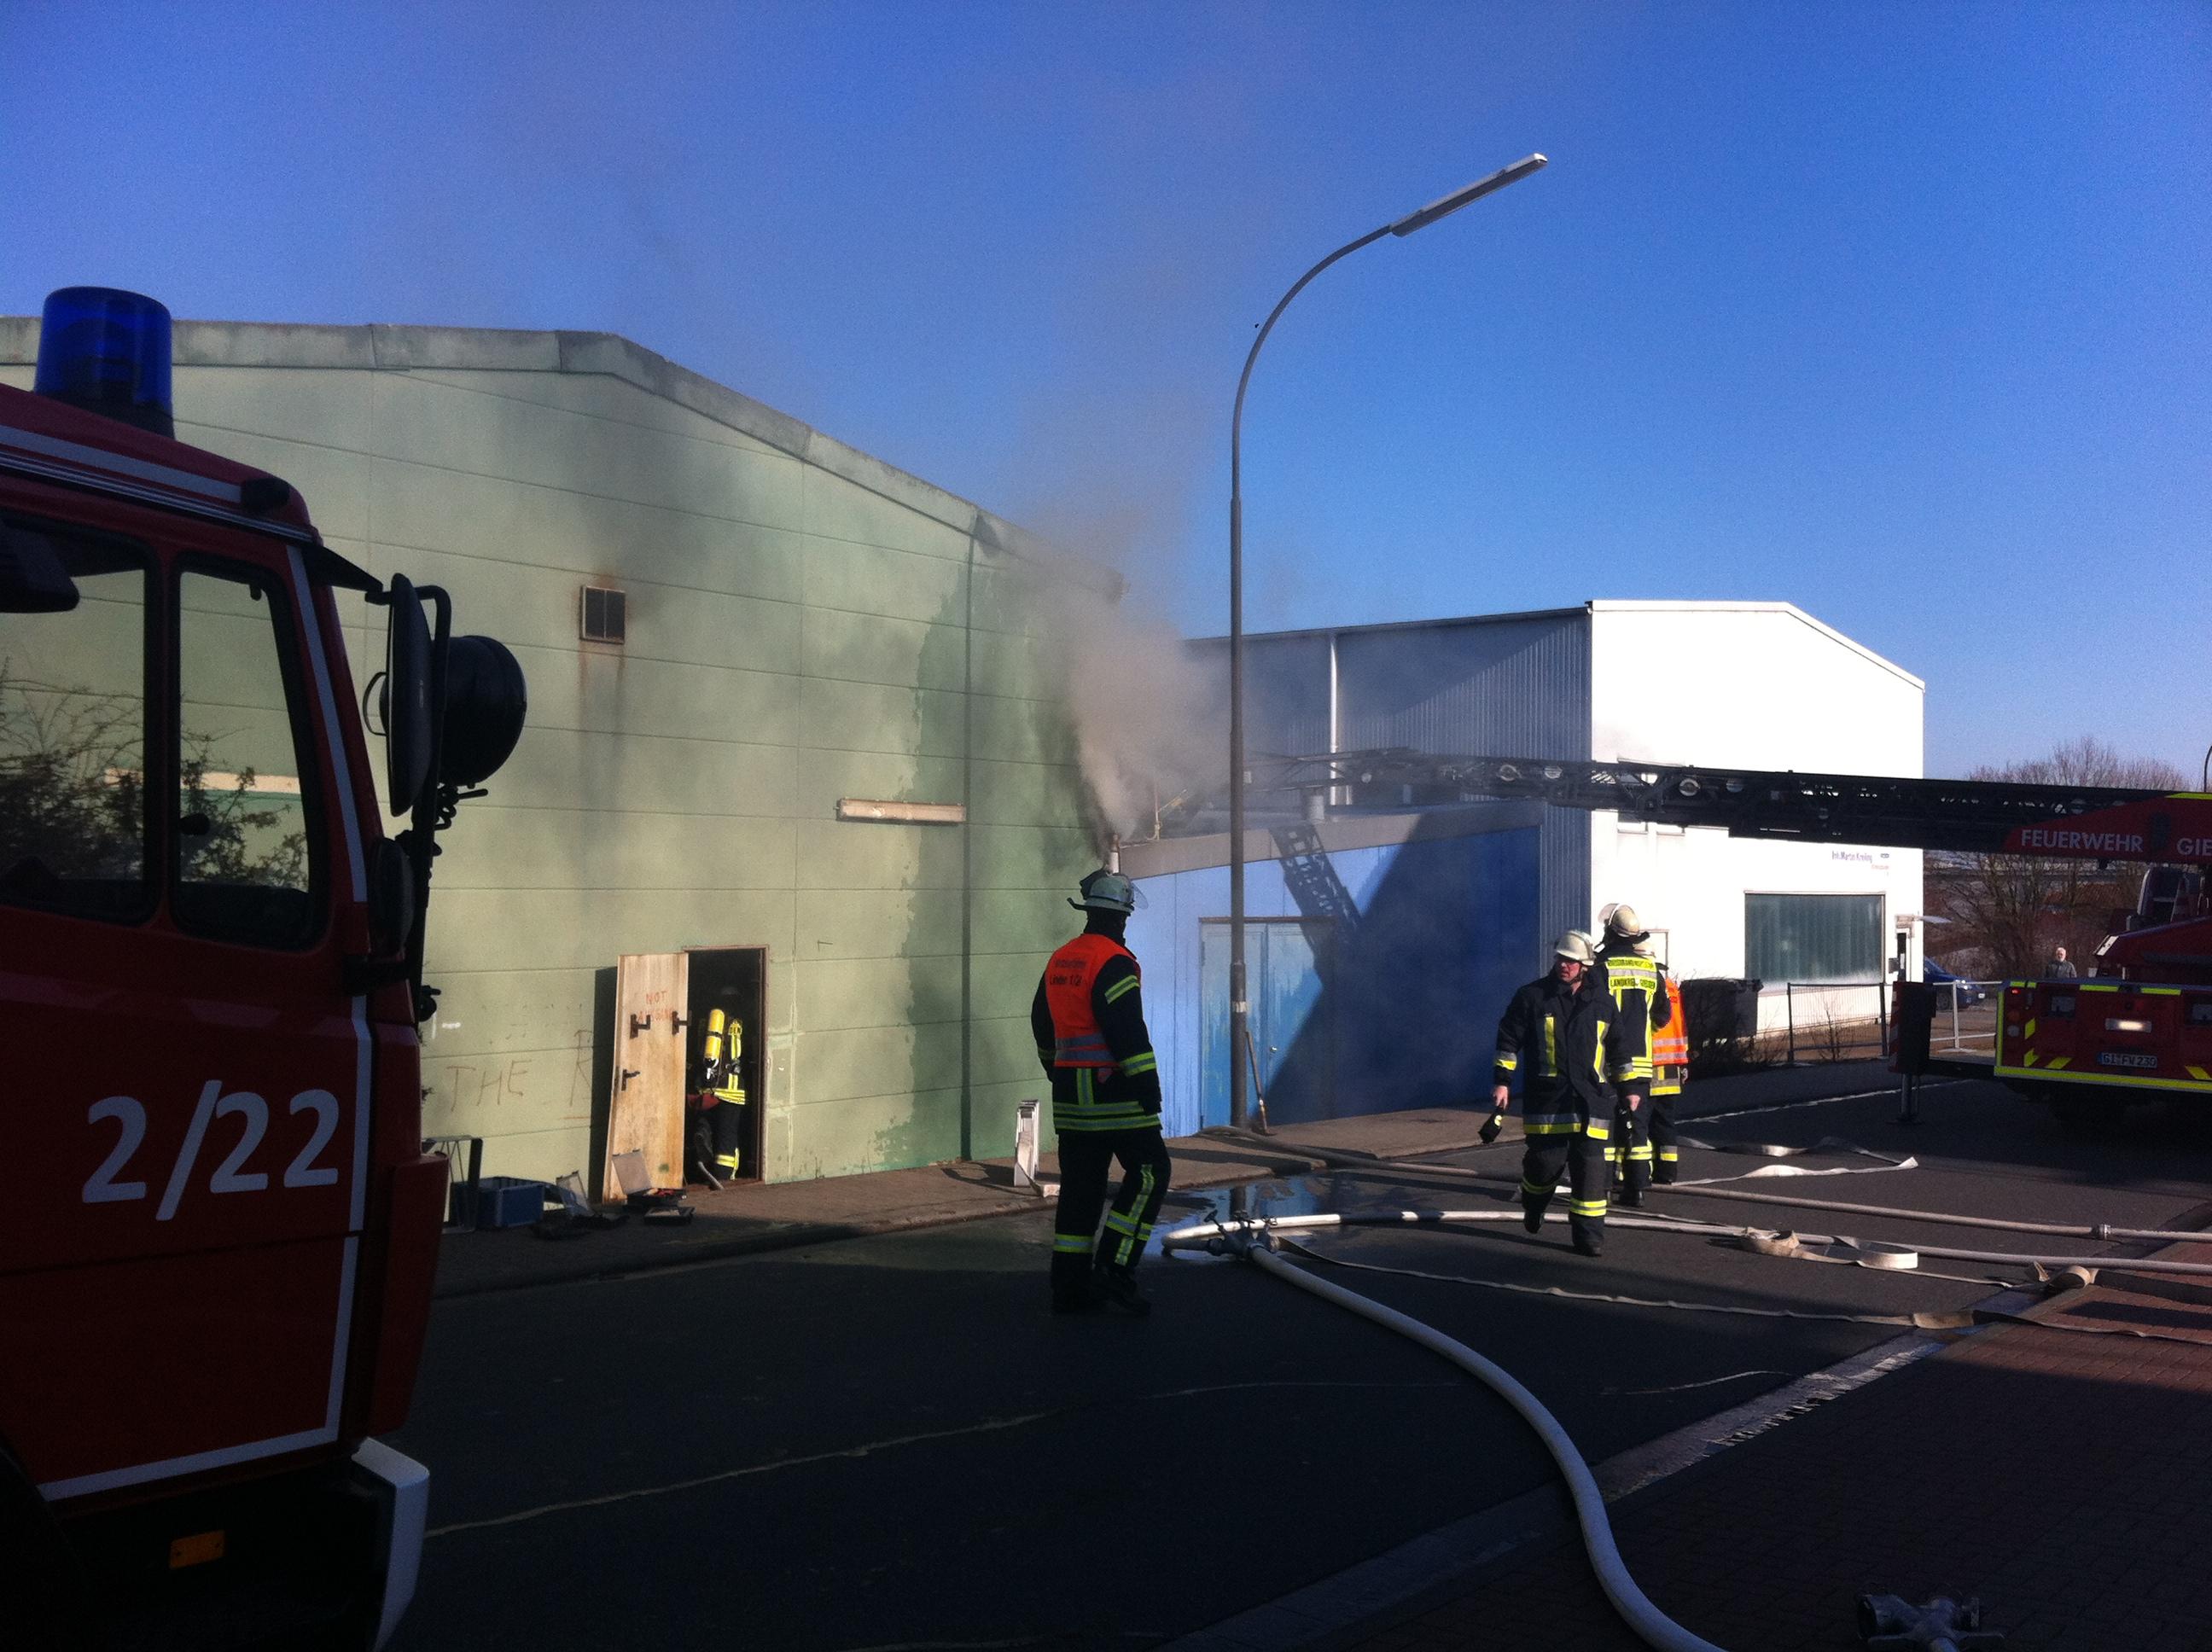 Sehr starke Rauch drang aus dem Gebäude